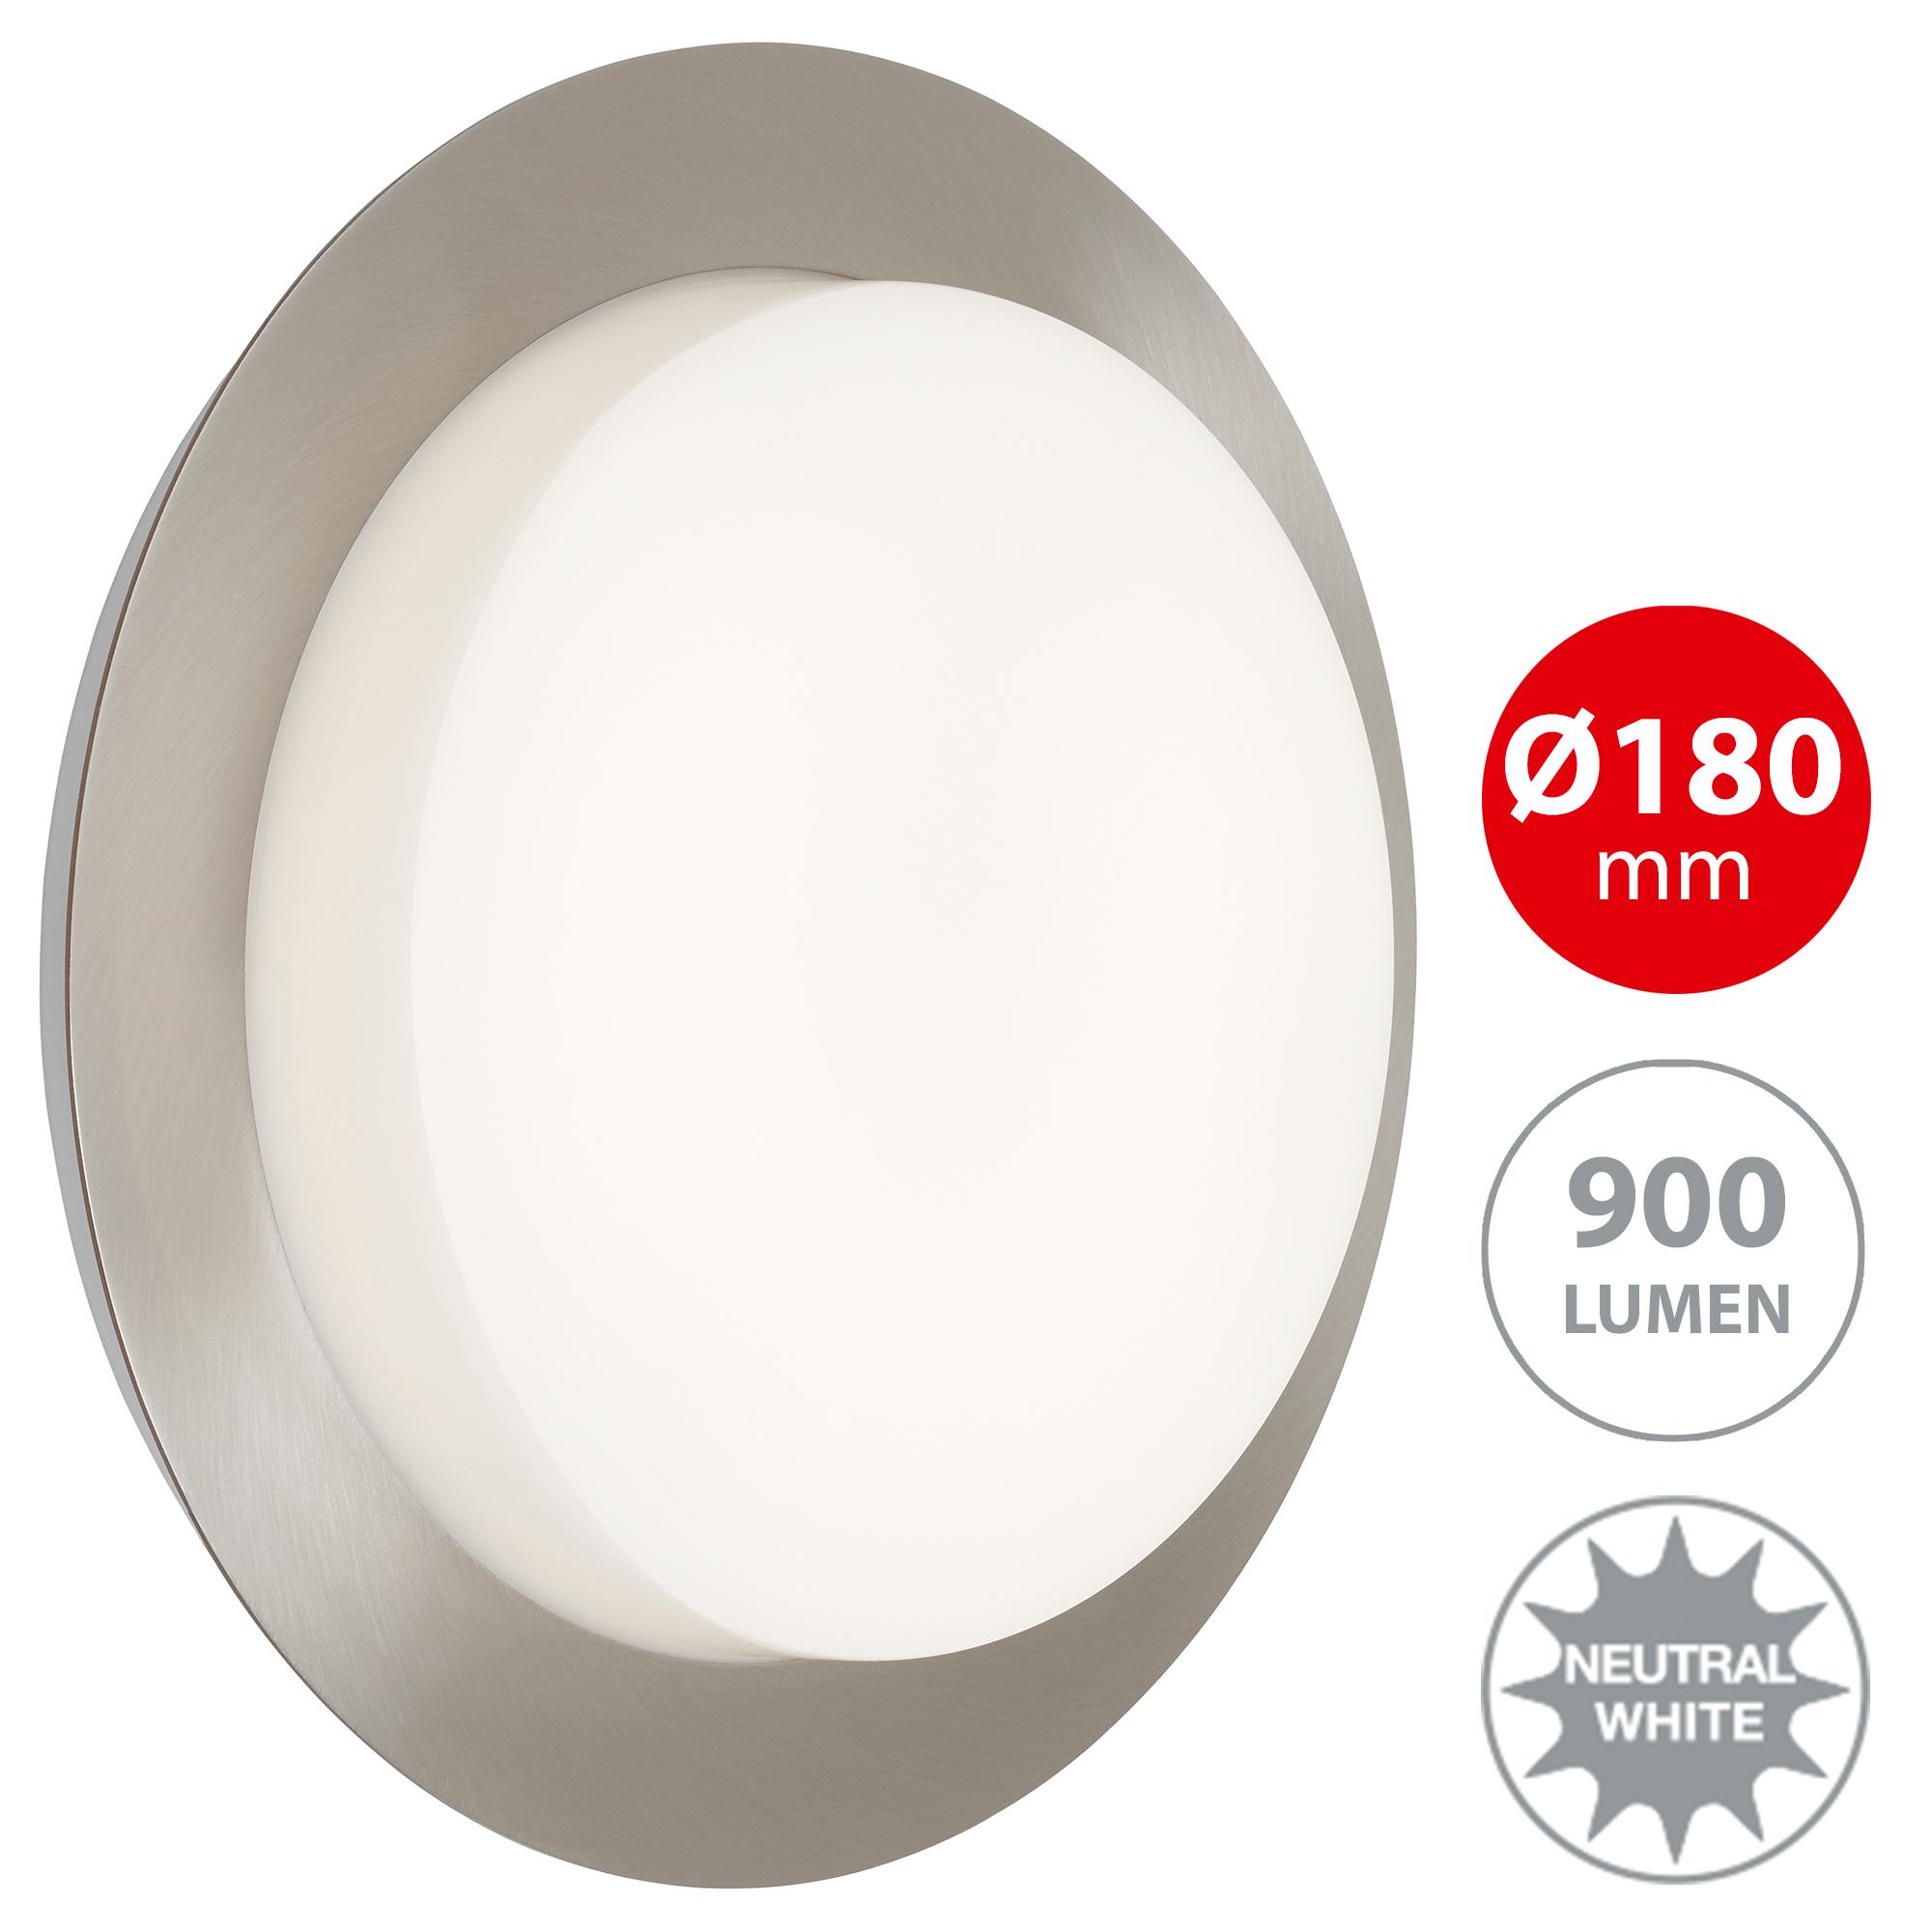 LED Außenleuchte, Ø 18 cm, 9 W, Edelstahl